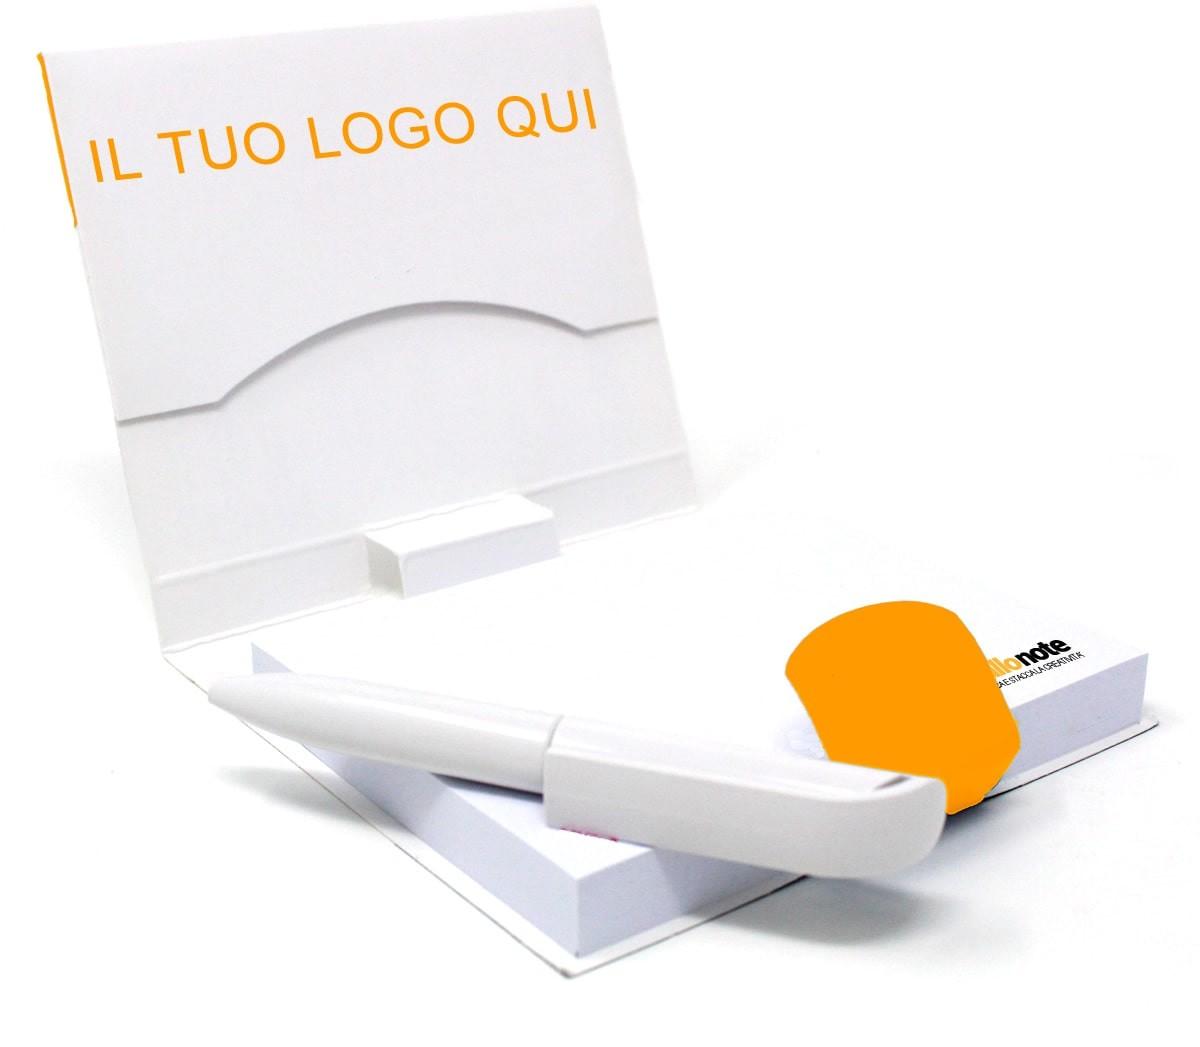 Memo personalizzato con copertina, tasca e penna a sfera